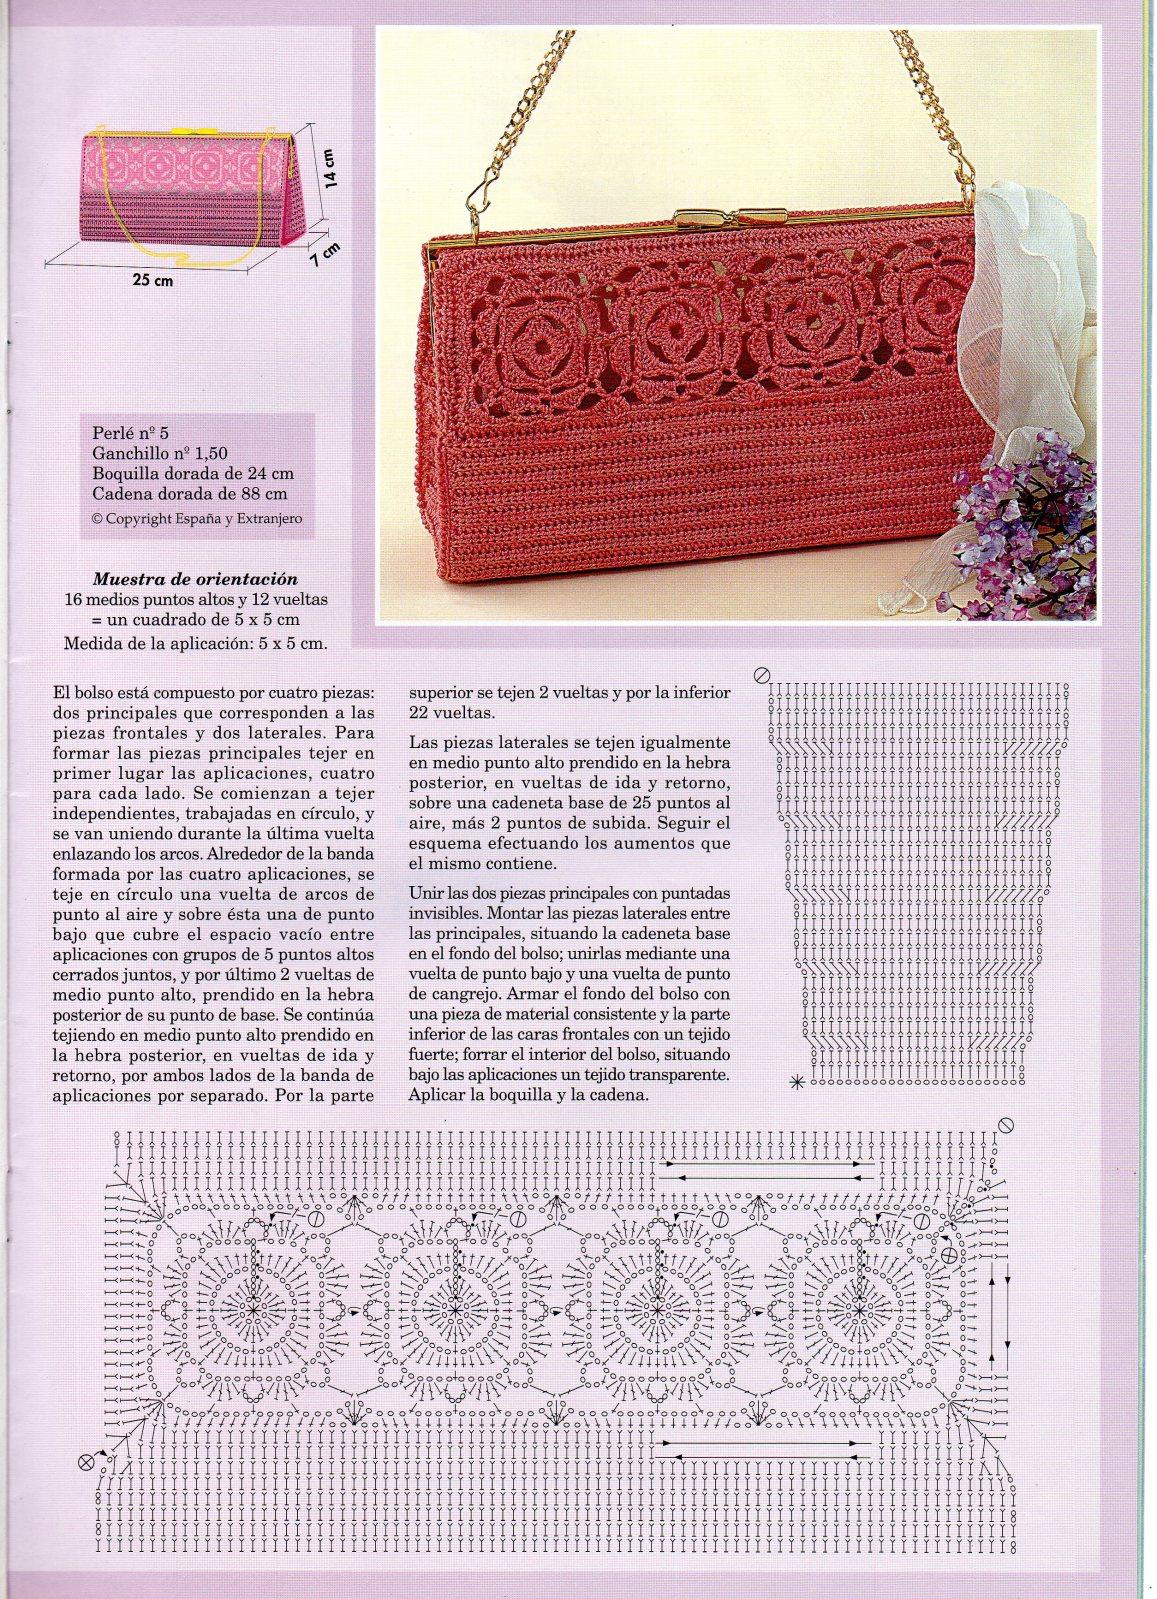 patrones - patrones de bolsos Zvse8j